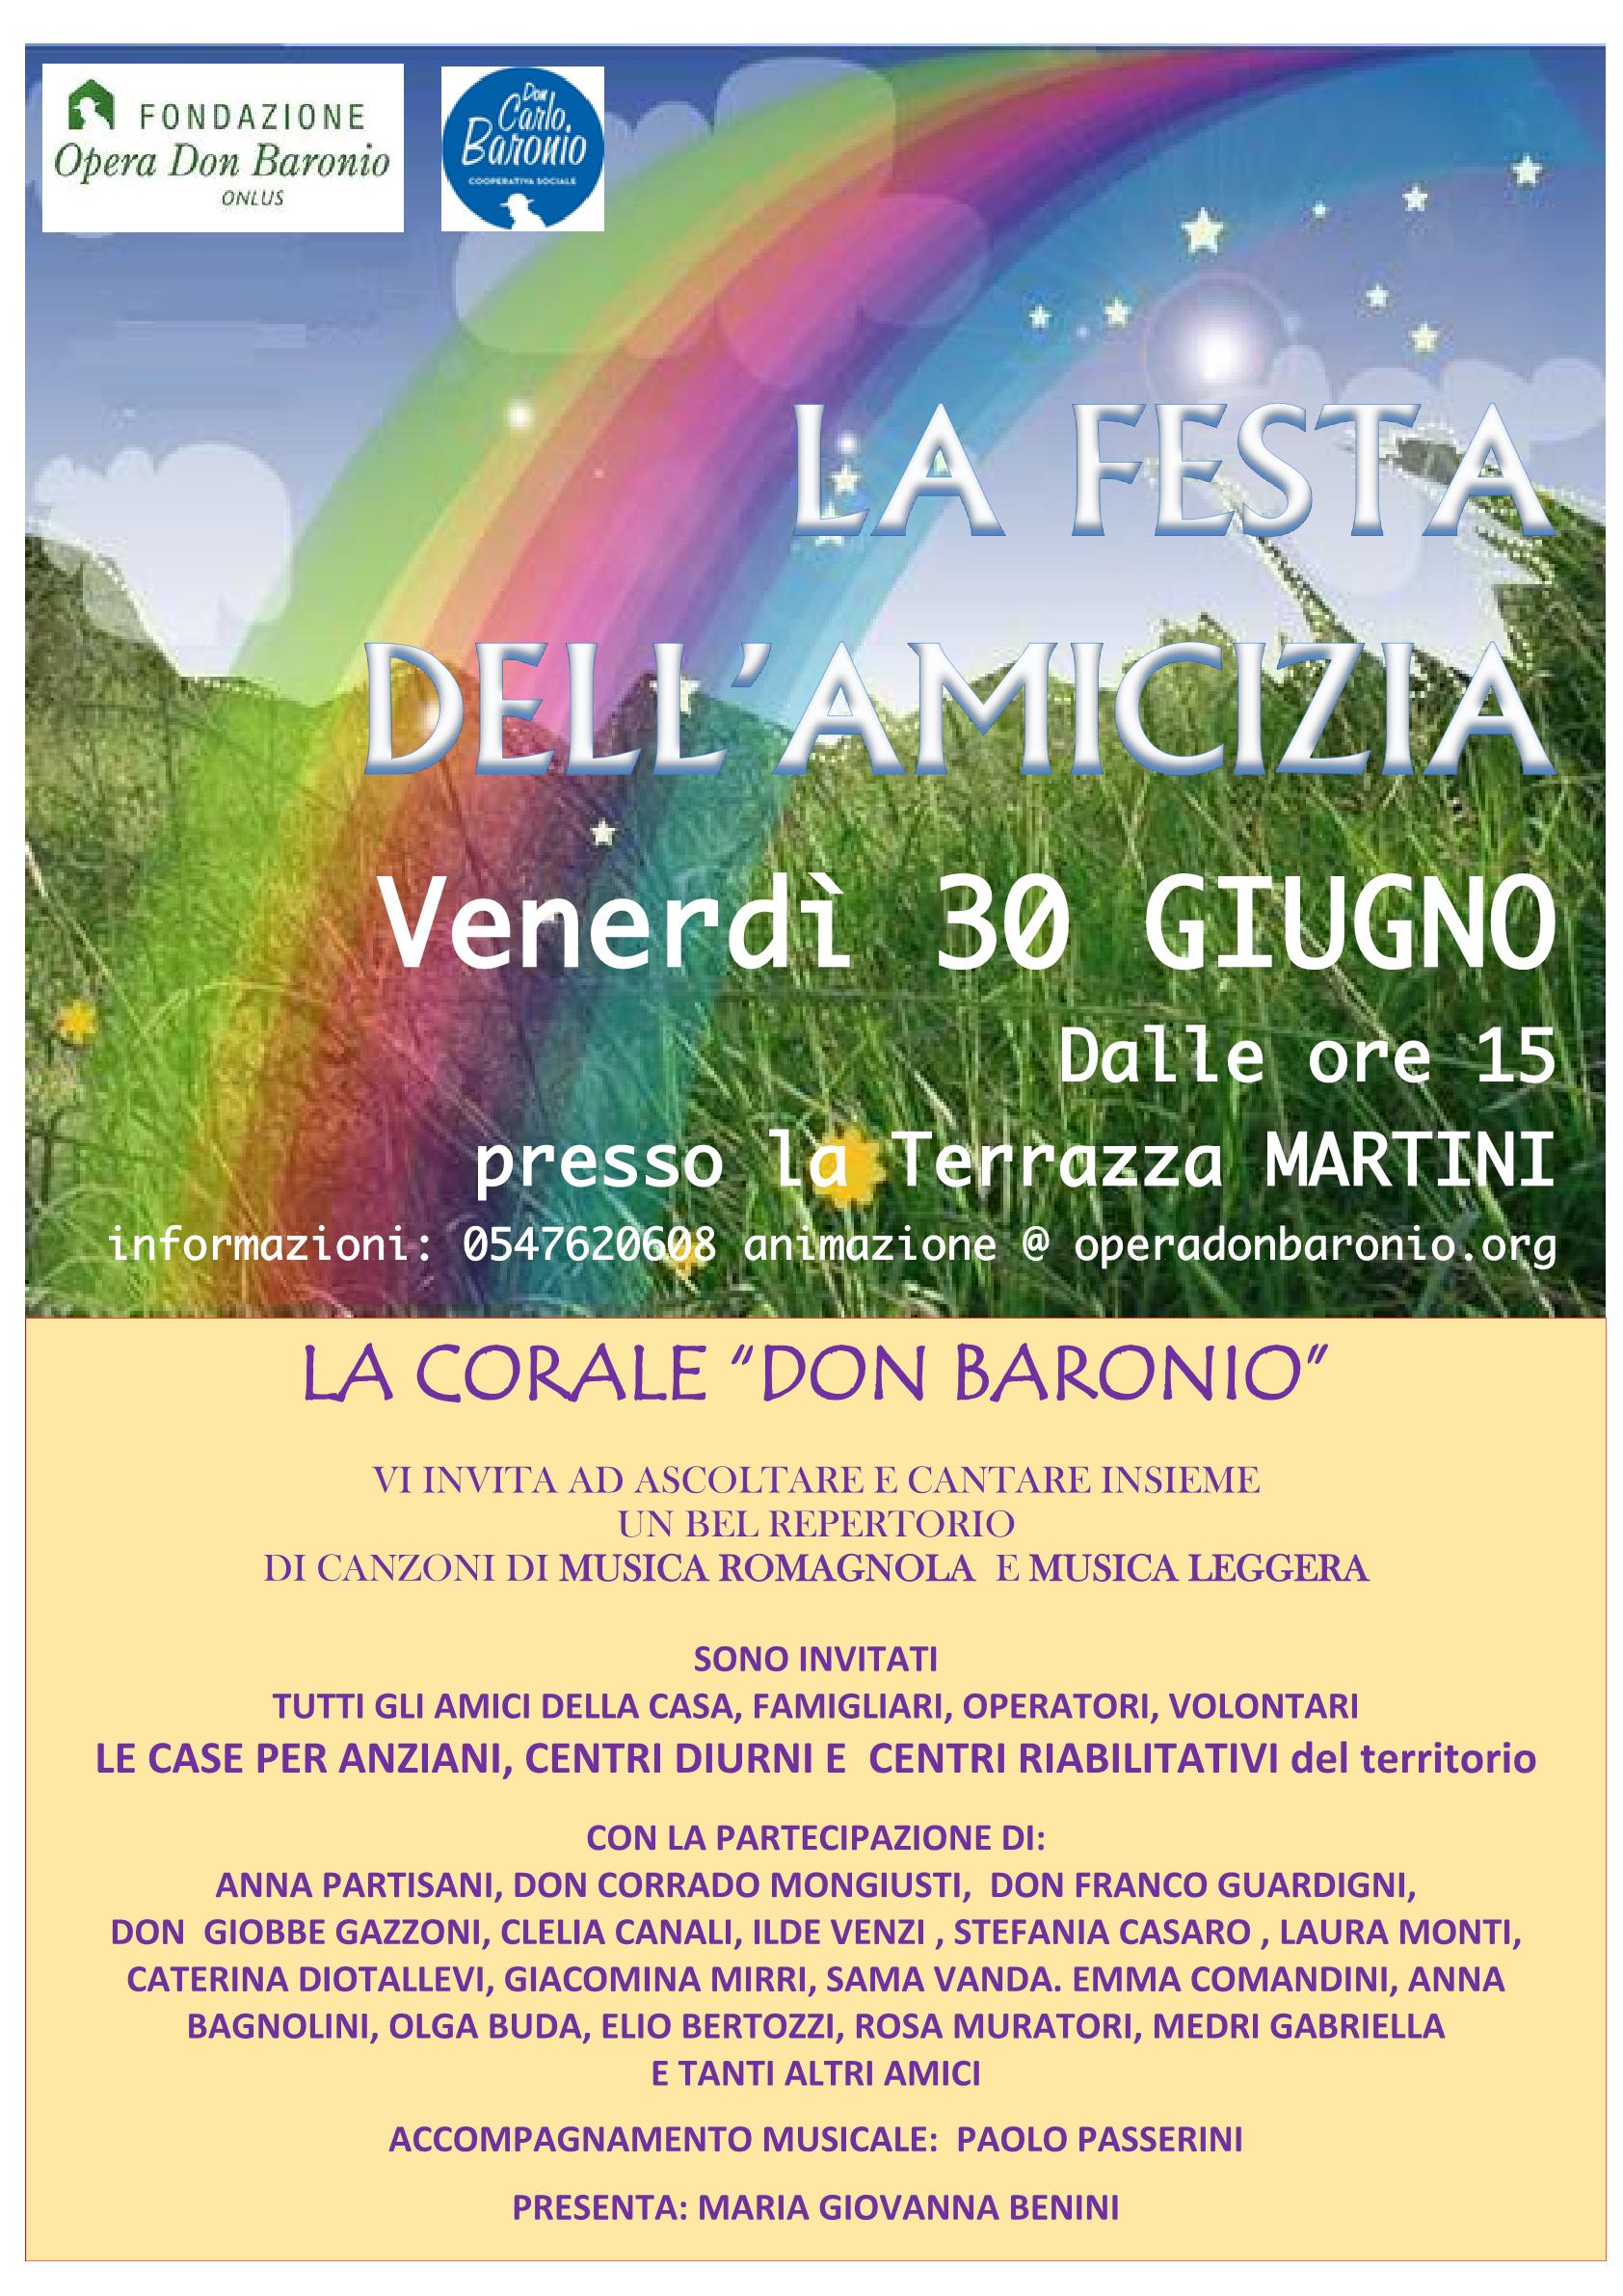 Locandina Festa Dell'amicizia 30 Giugno20171